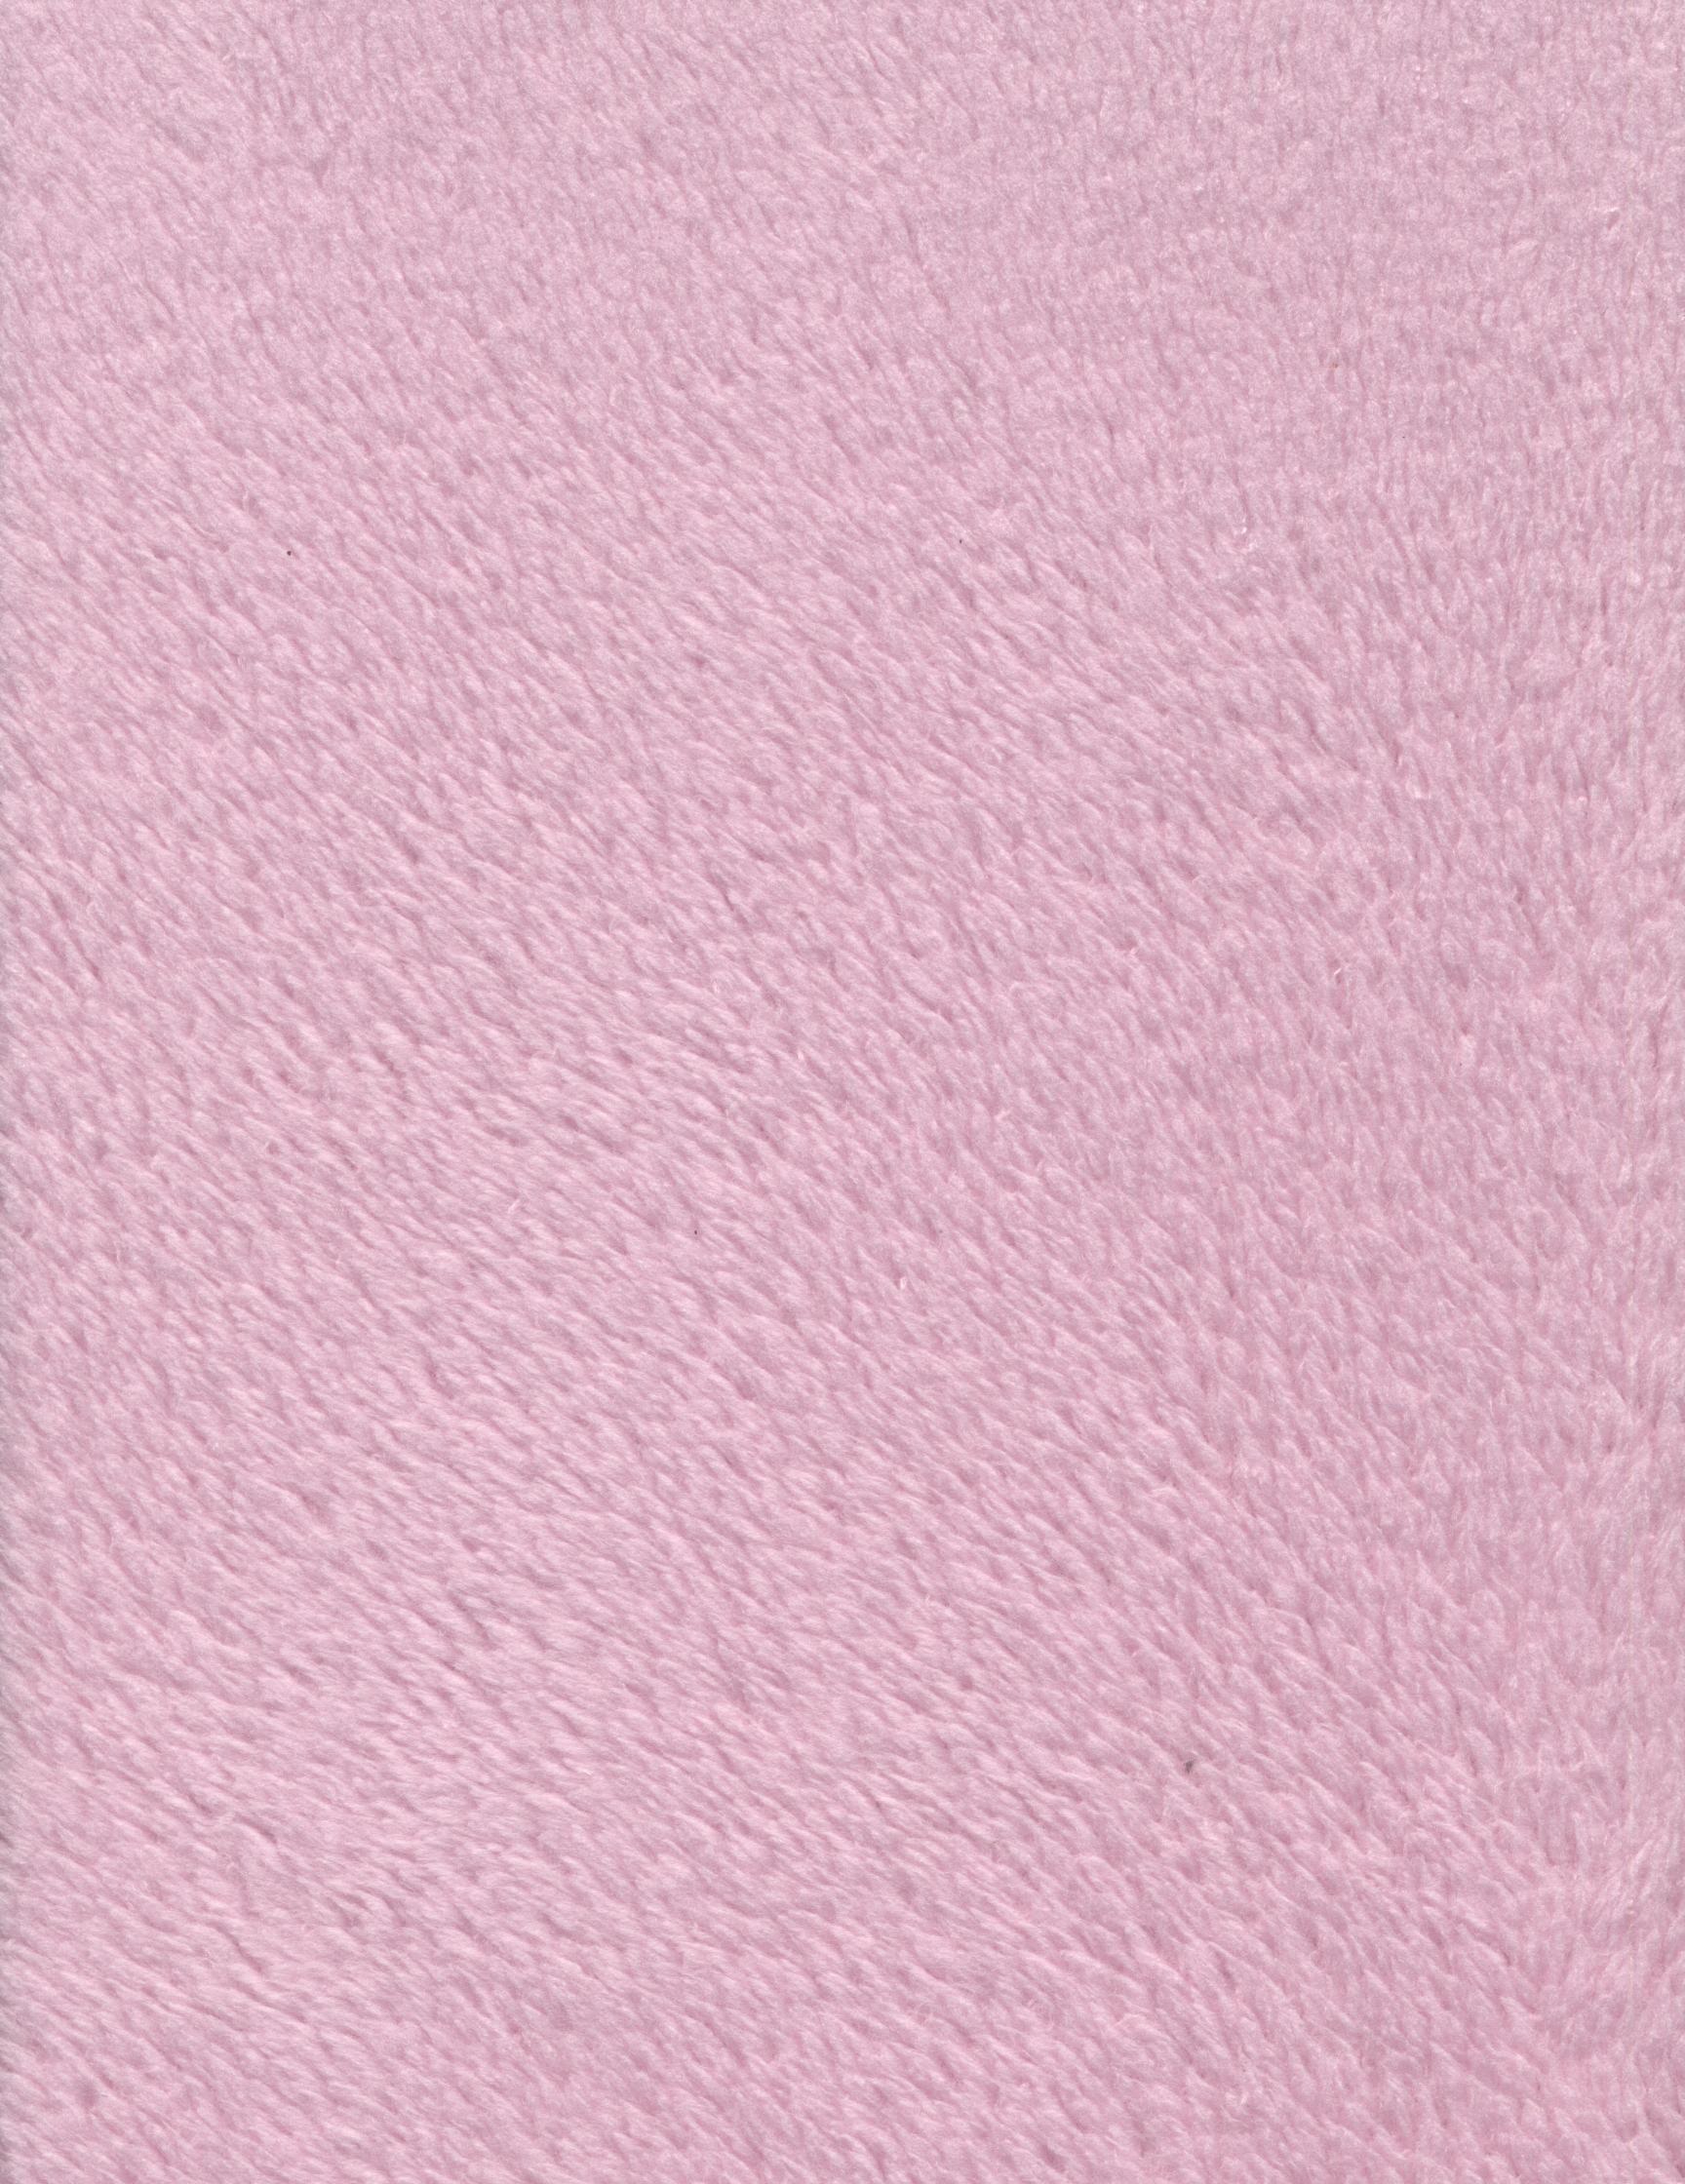 粉色 齐家网